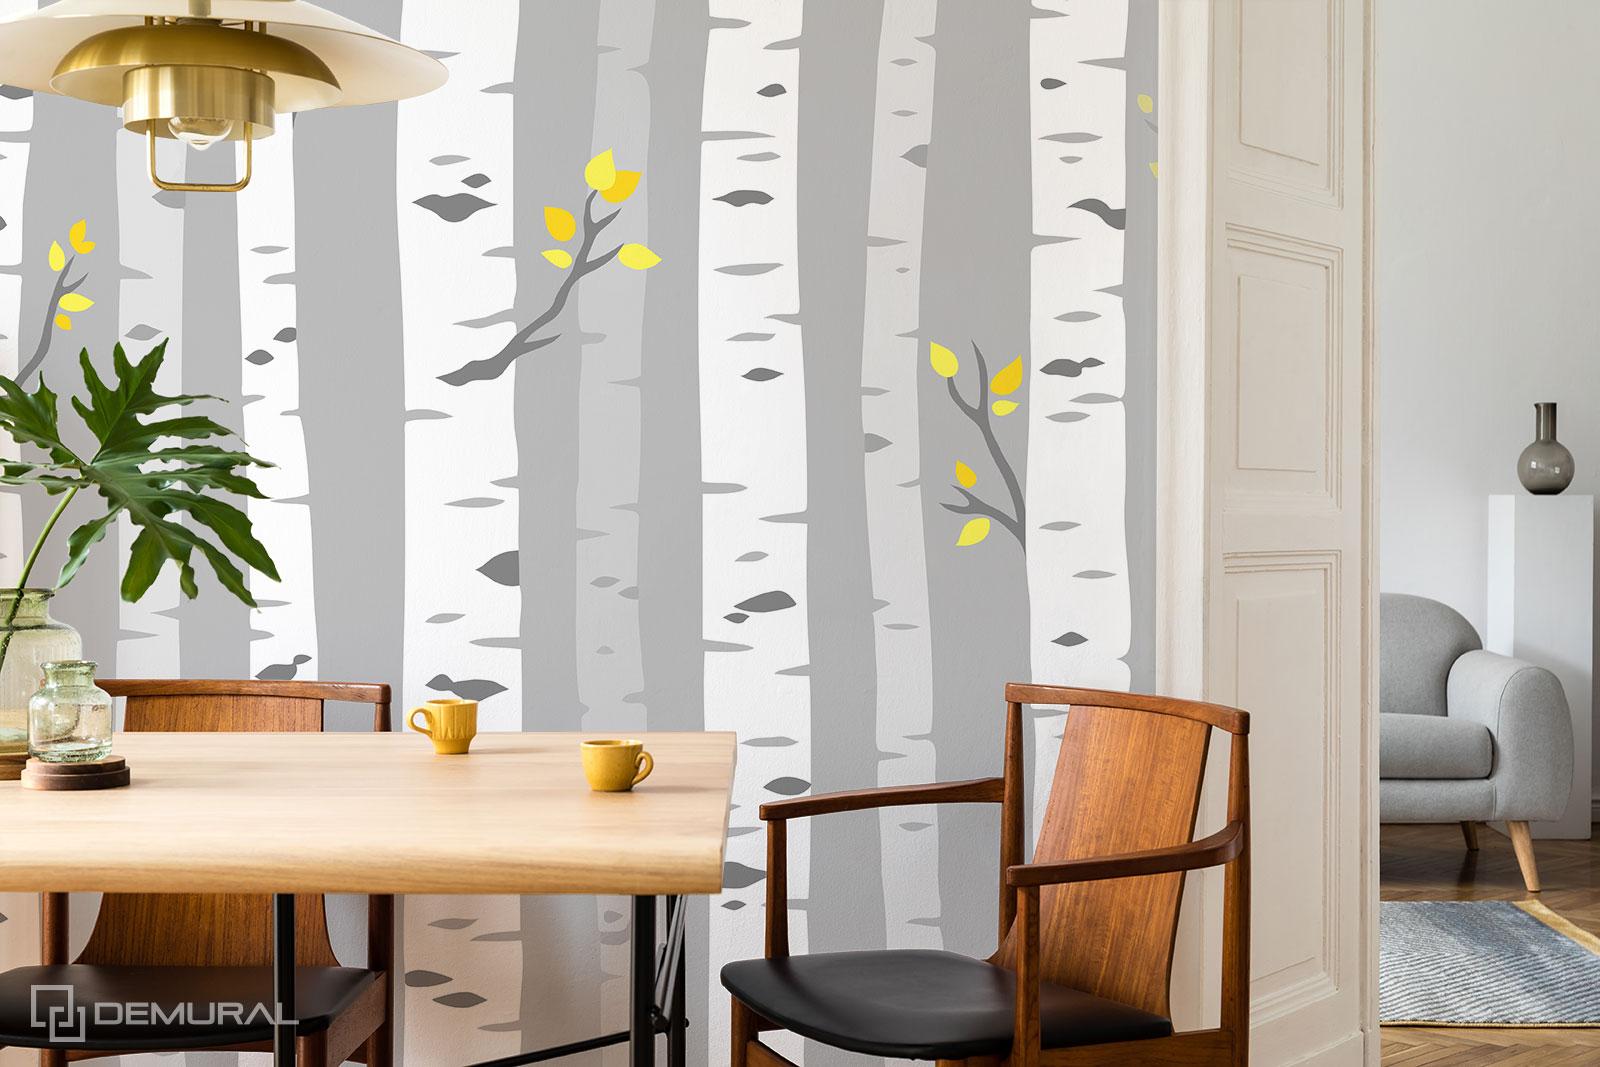 Fototapeta Śniadanie w lesie - Fototapety brzozy - Demural